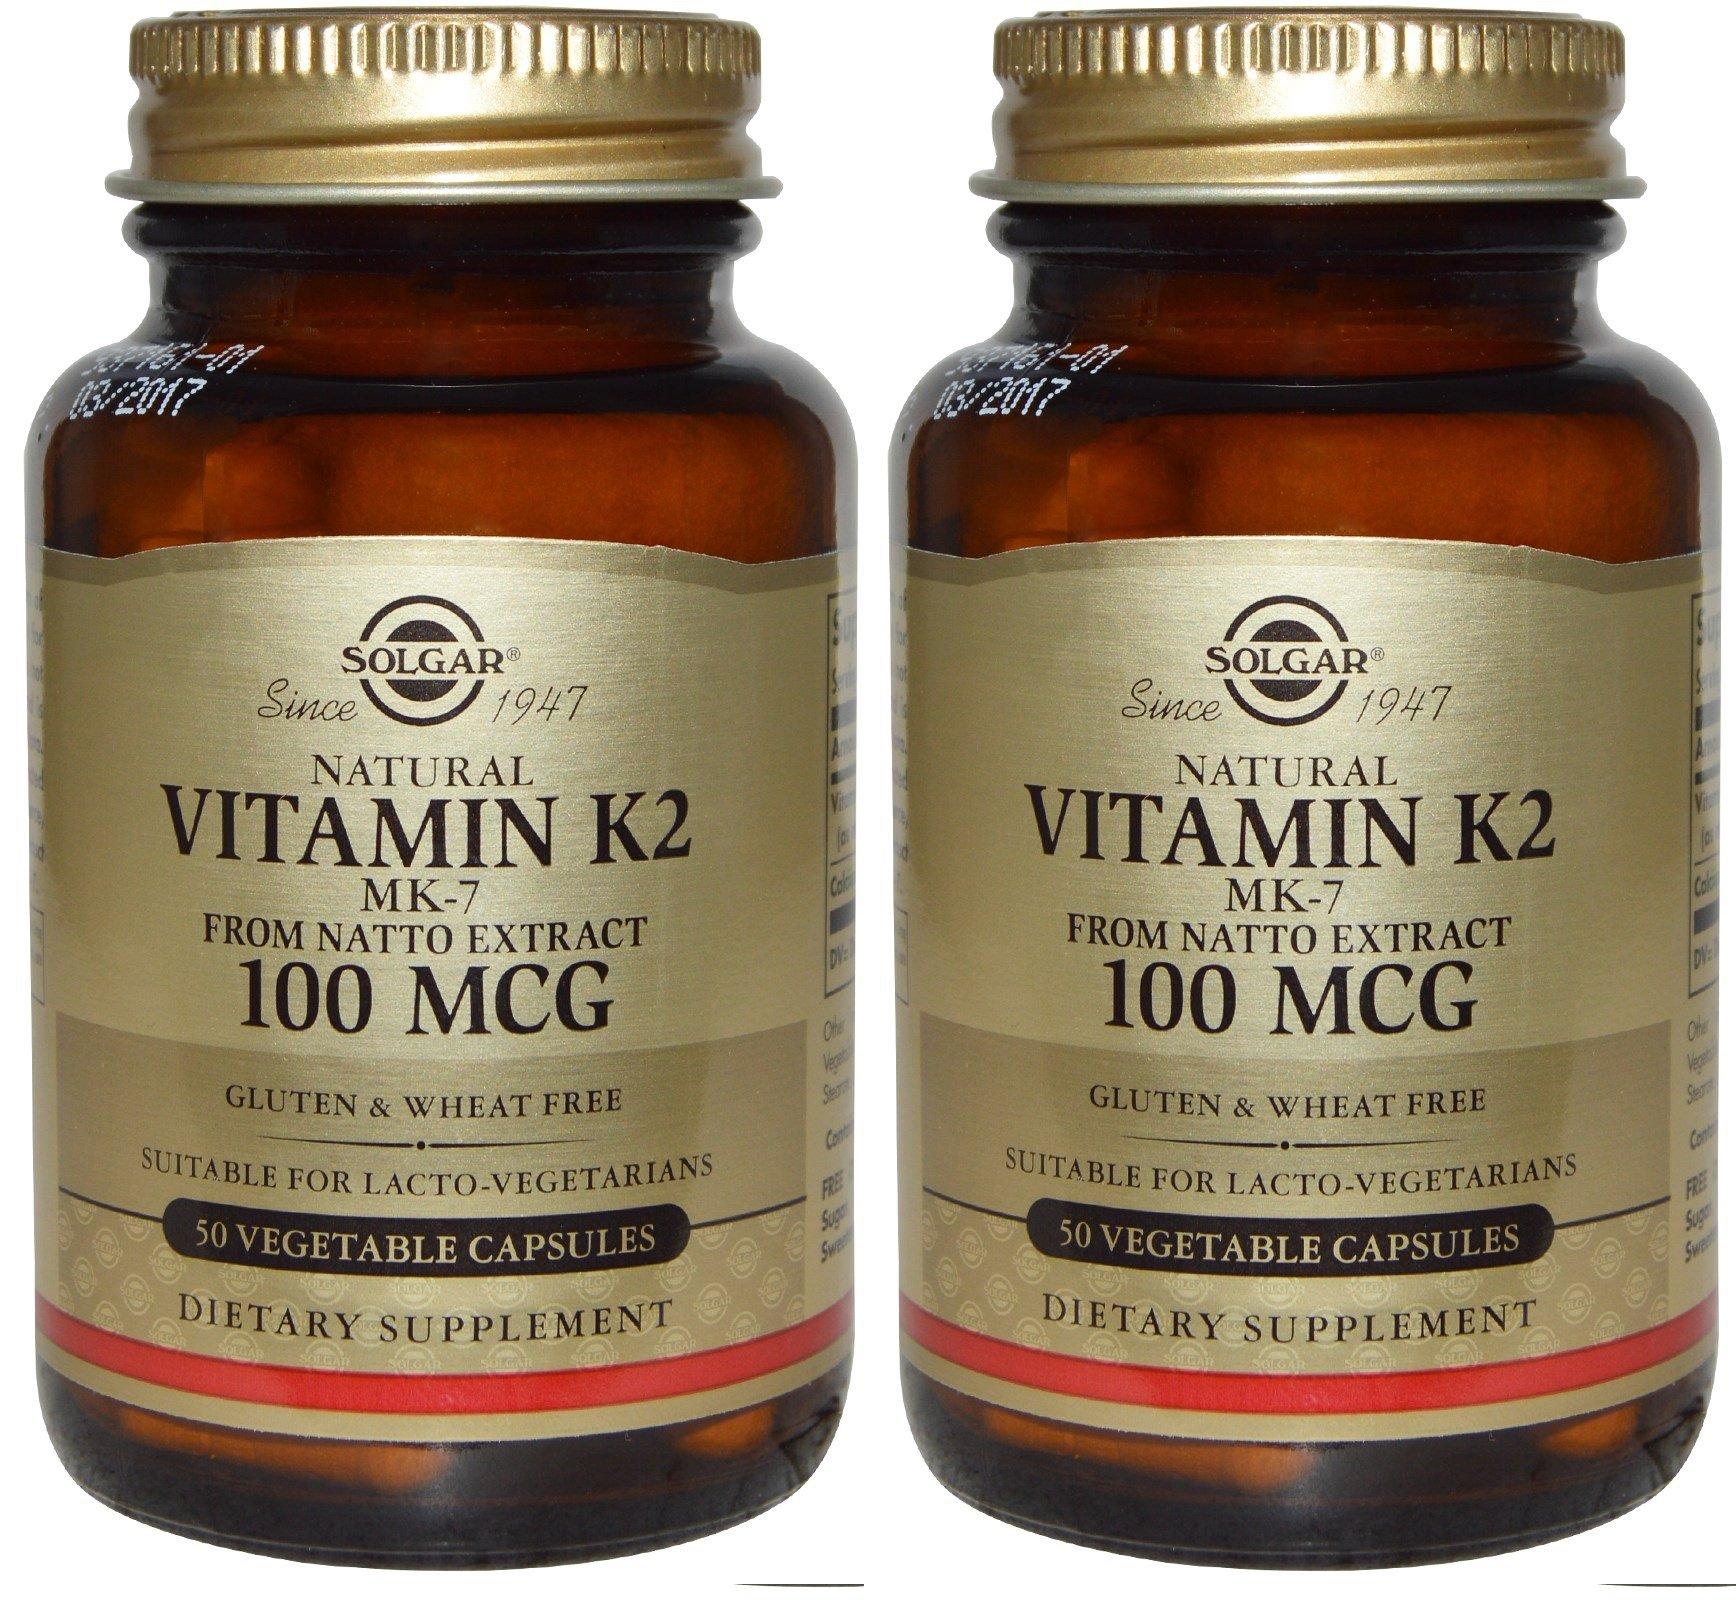 Solgar Natural Vitamin K2 (MK-7) Vegetable Capsules, 100 Mcg (2 PACK)